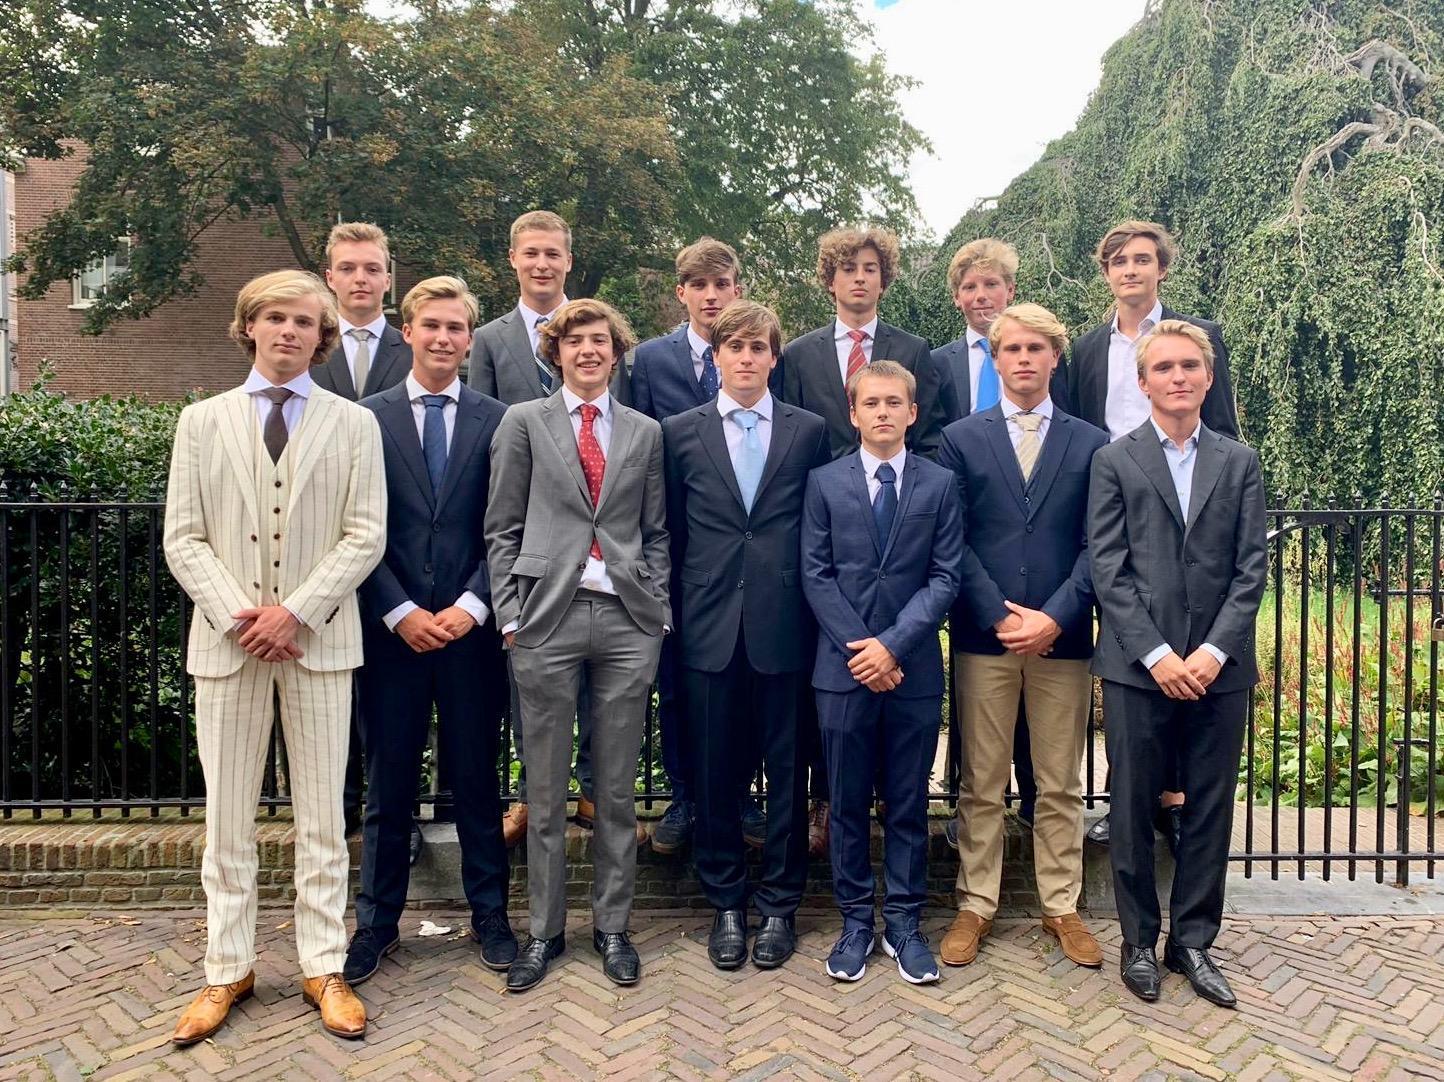 Eindexamenkandidaten Stedelijk in Haarlem vormen HFC JO19-4: Grieks, Latijn en voetballen maar